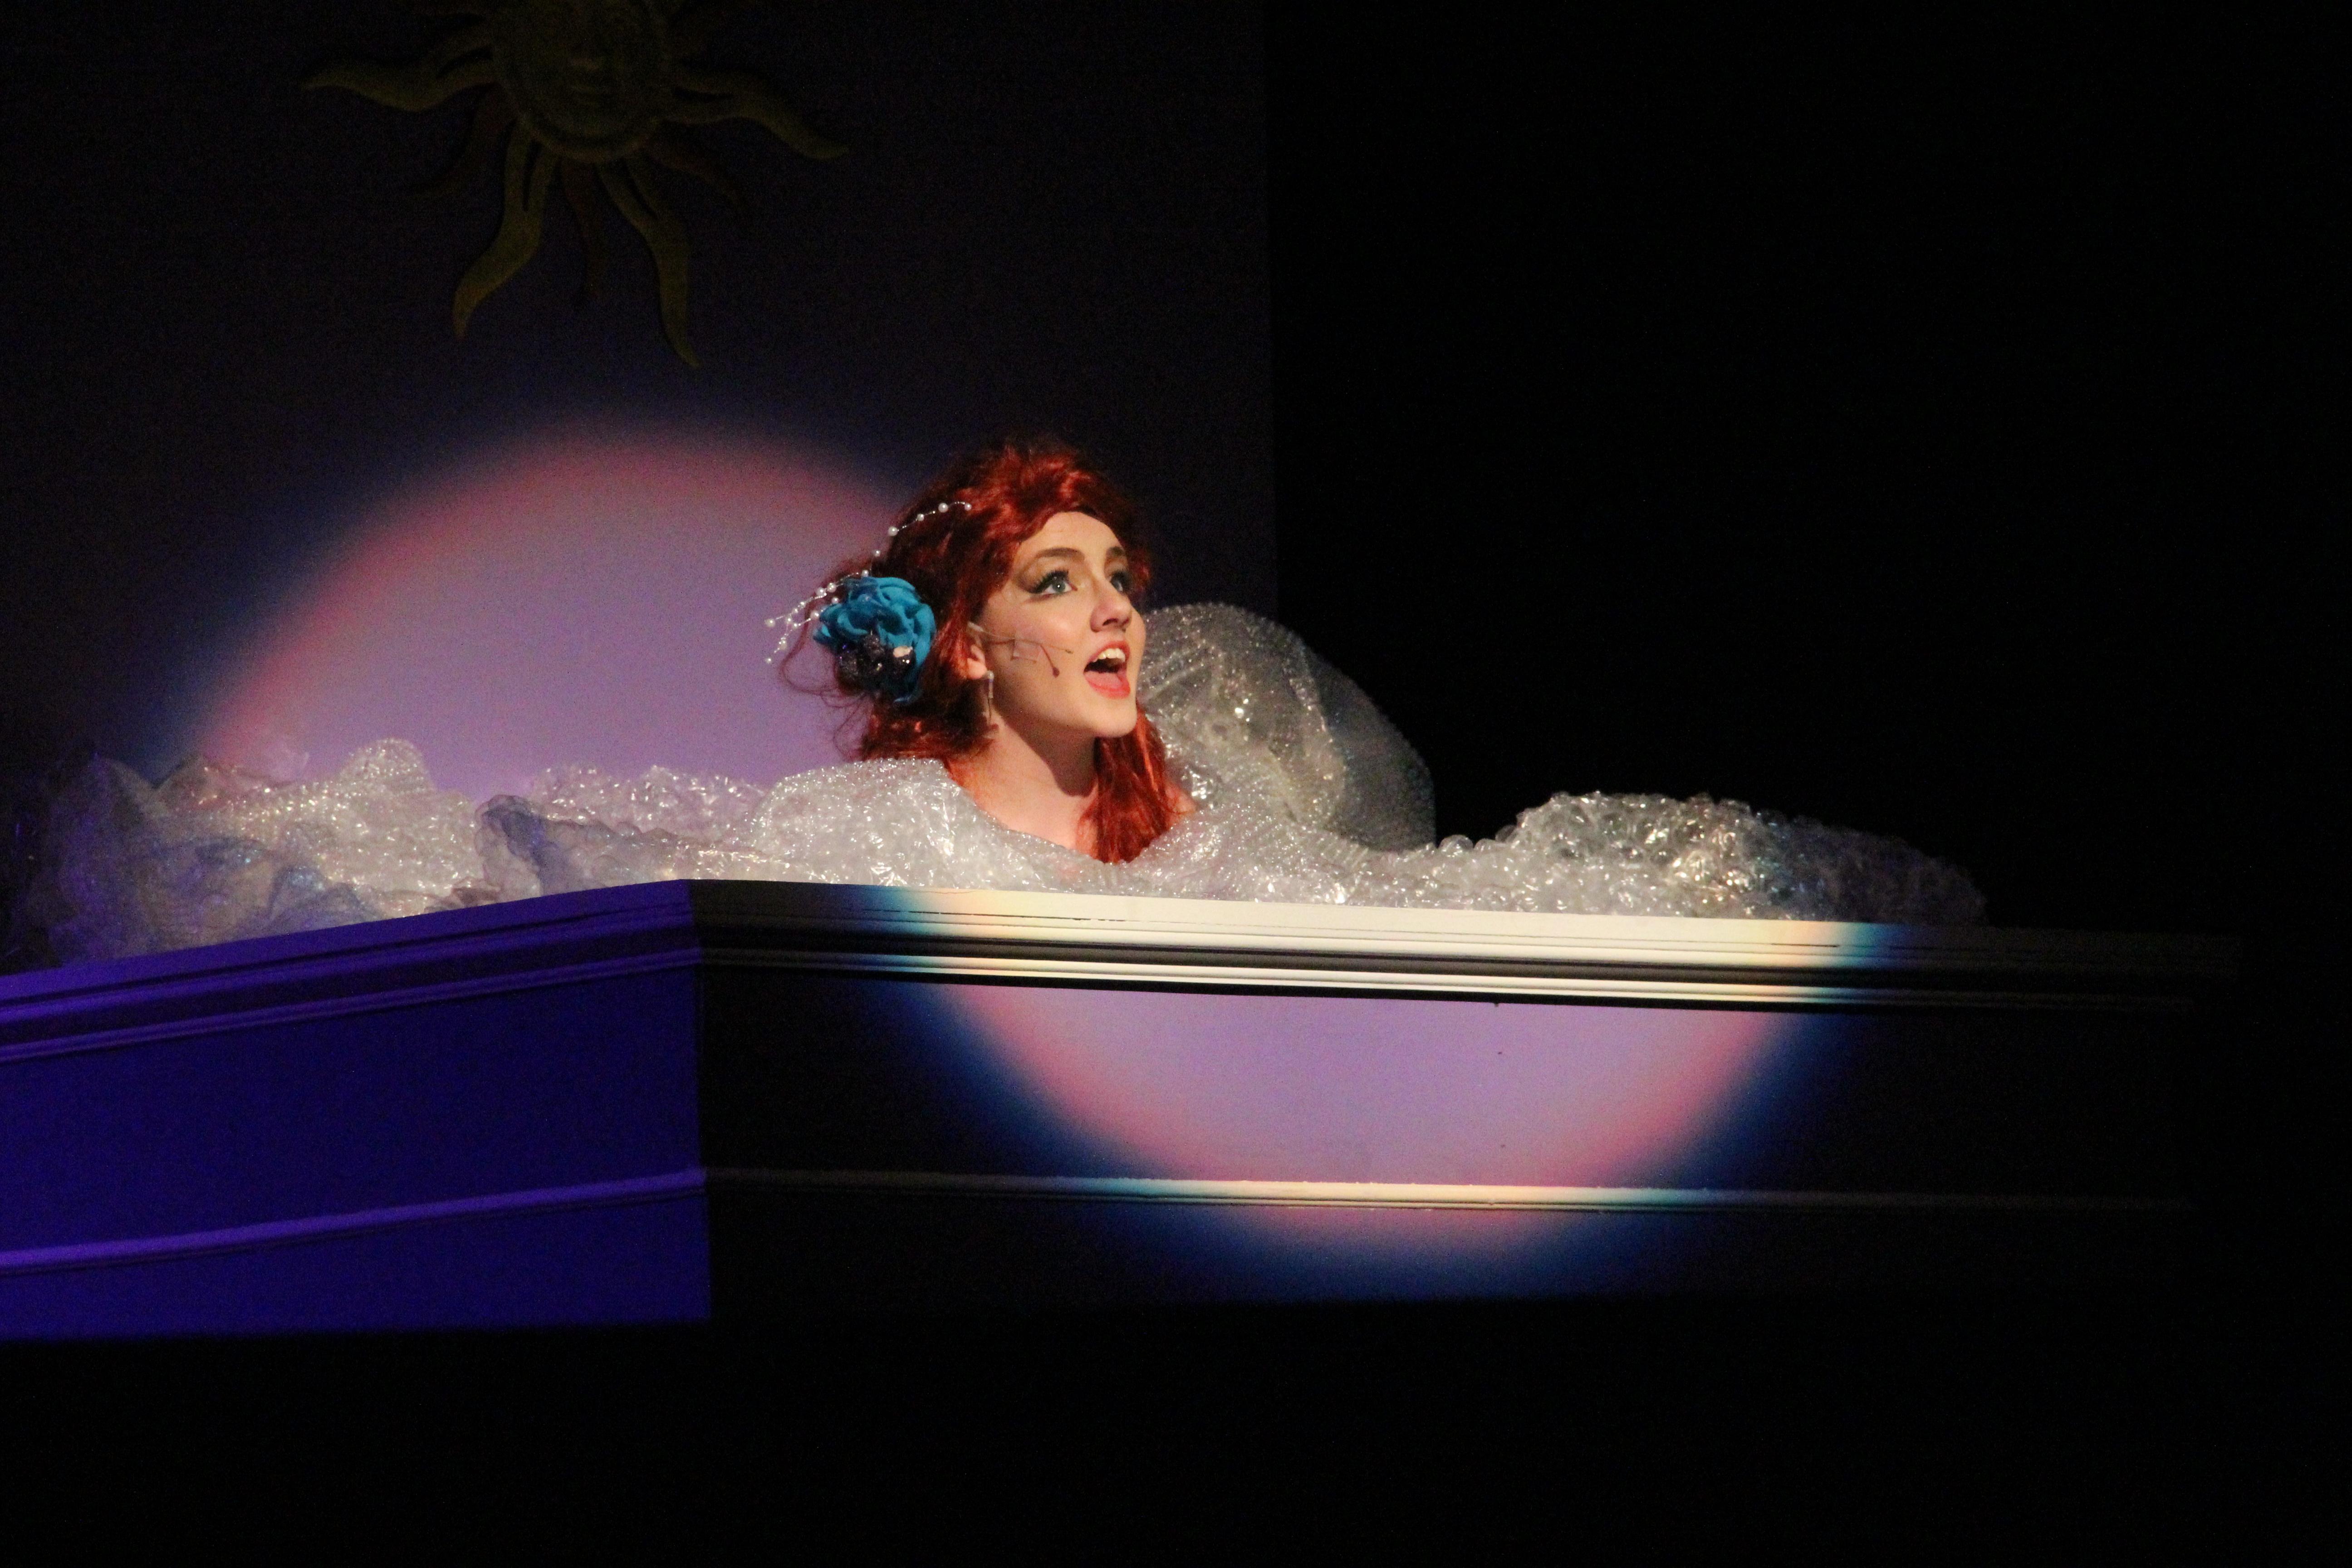 ariel tub